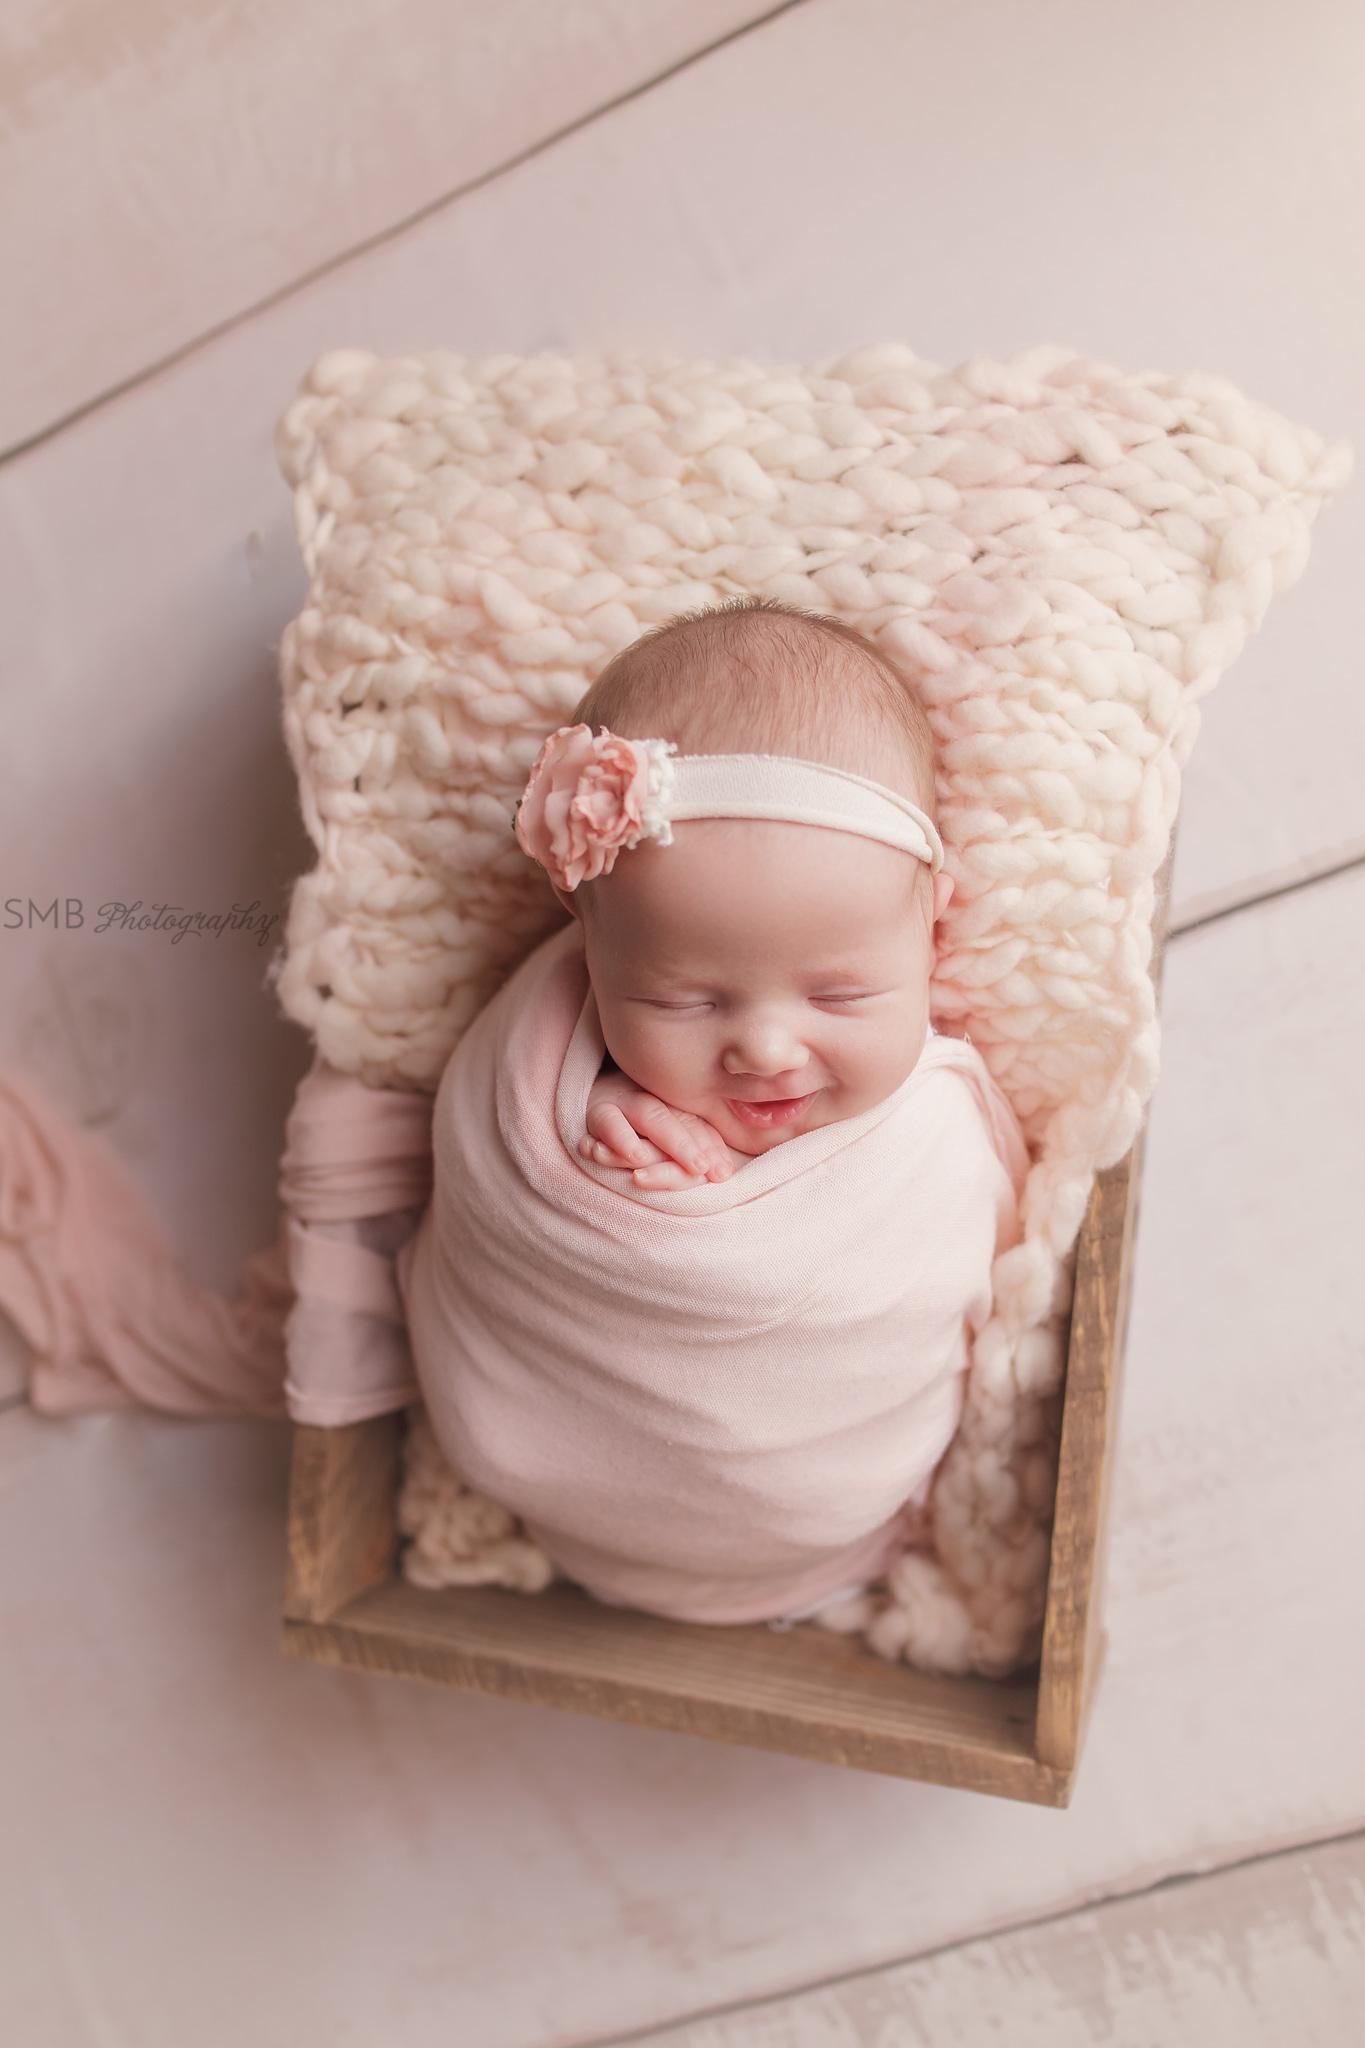 Newborn girl in wood box wearing pink